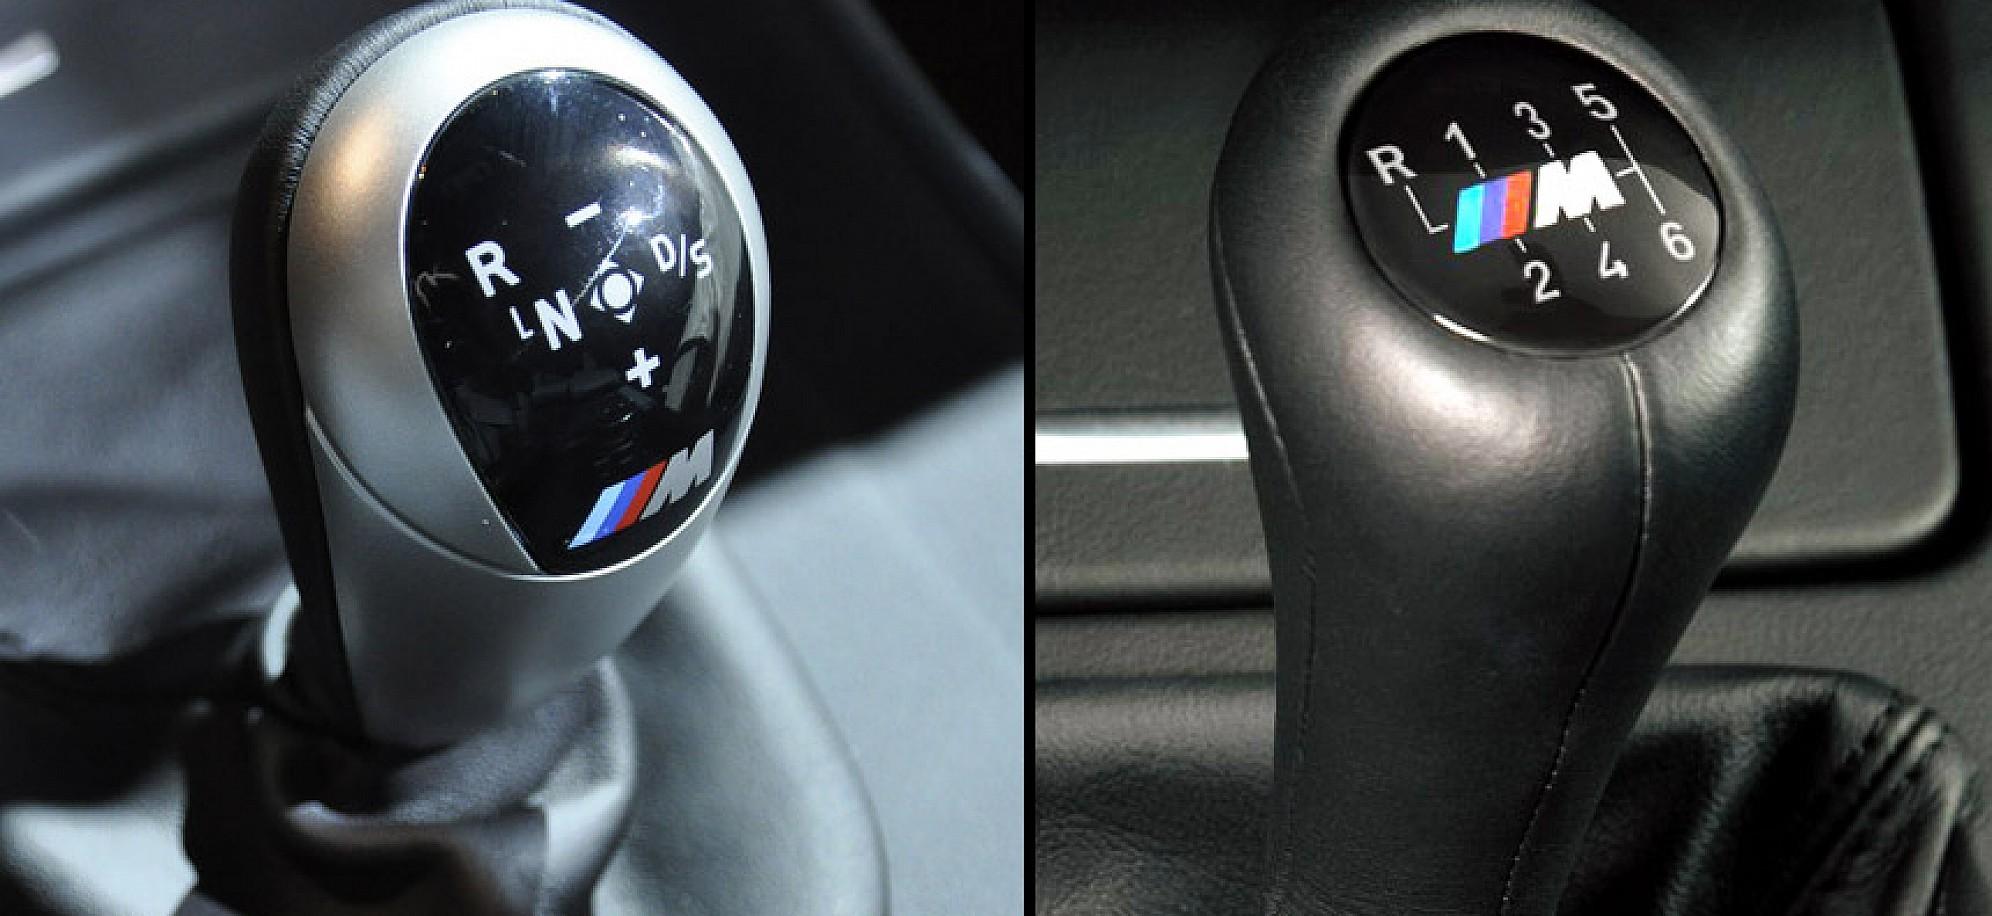 dual clutch vs manual transmission bmw m4 rh bmwblog com 2015 bmw m3 manual vs dct bmw e92 m3 manual vs dct